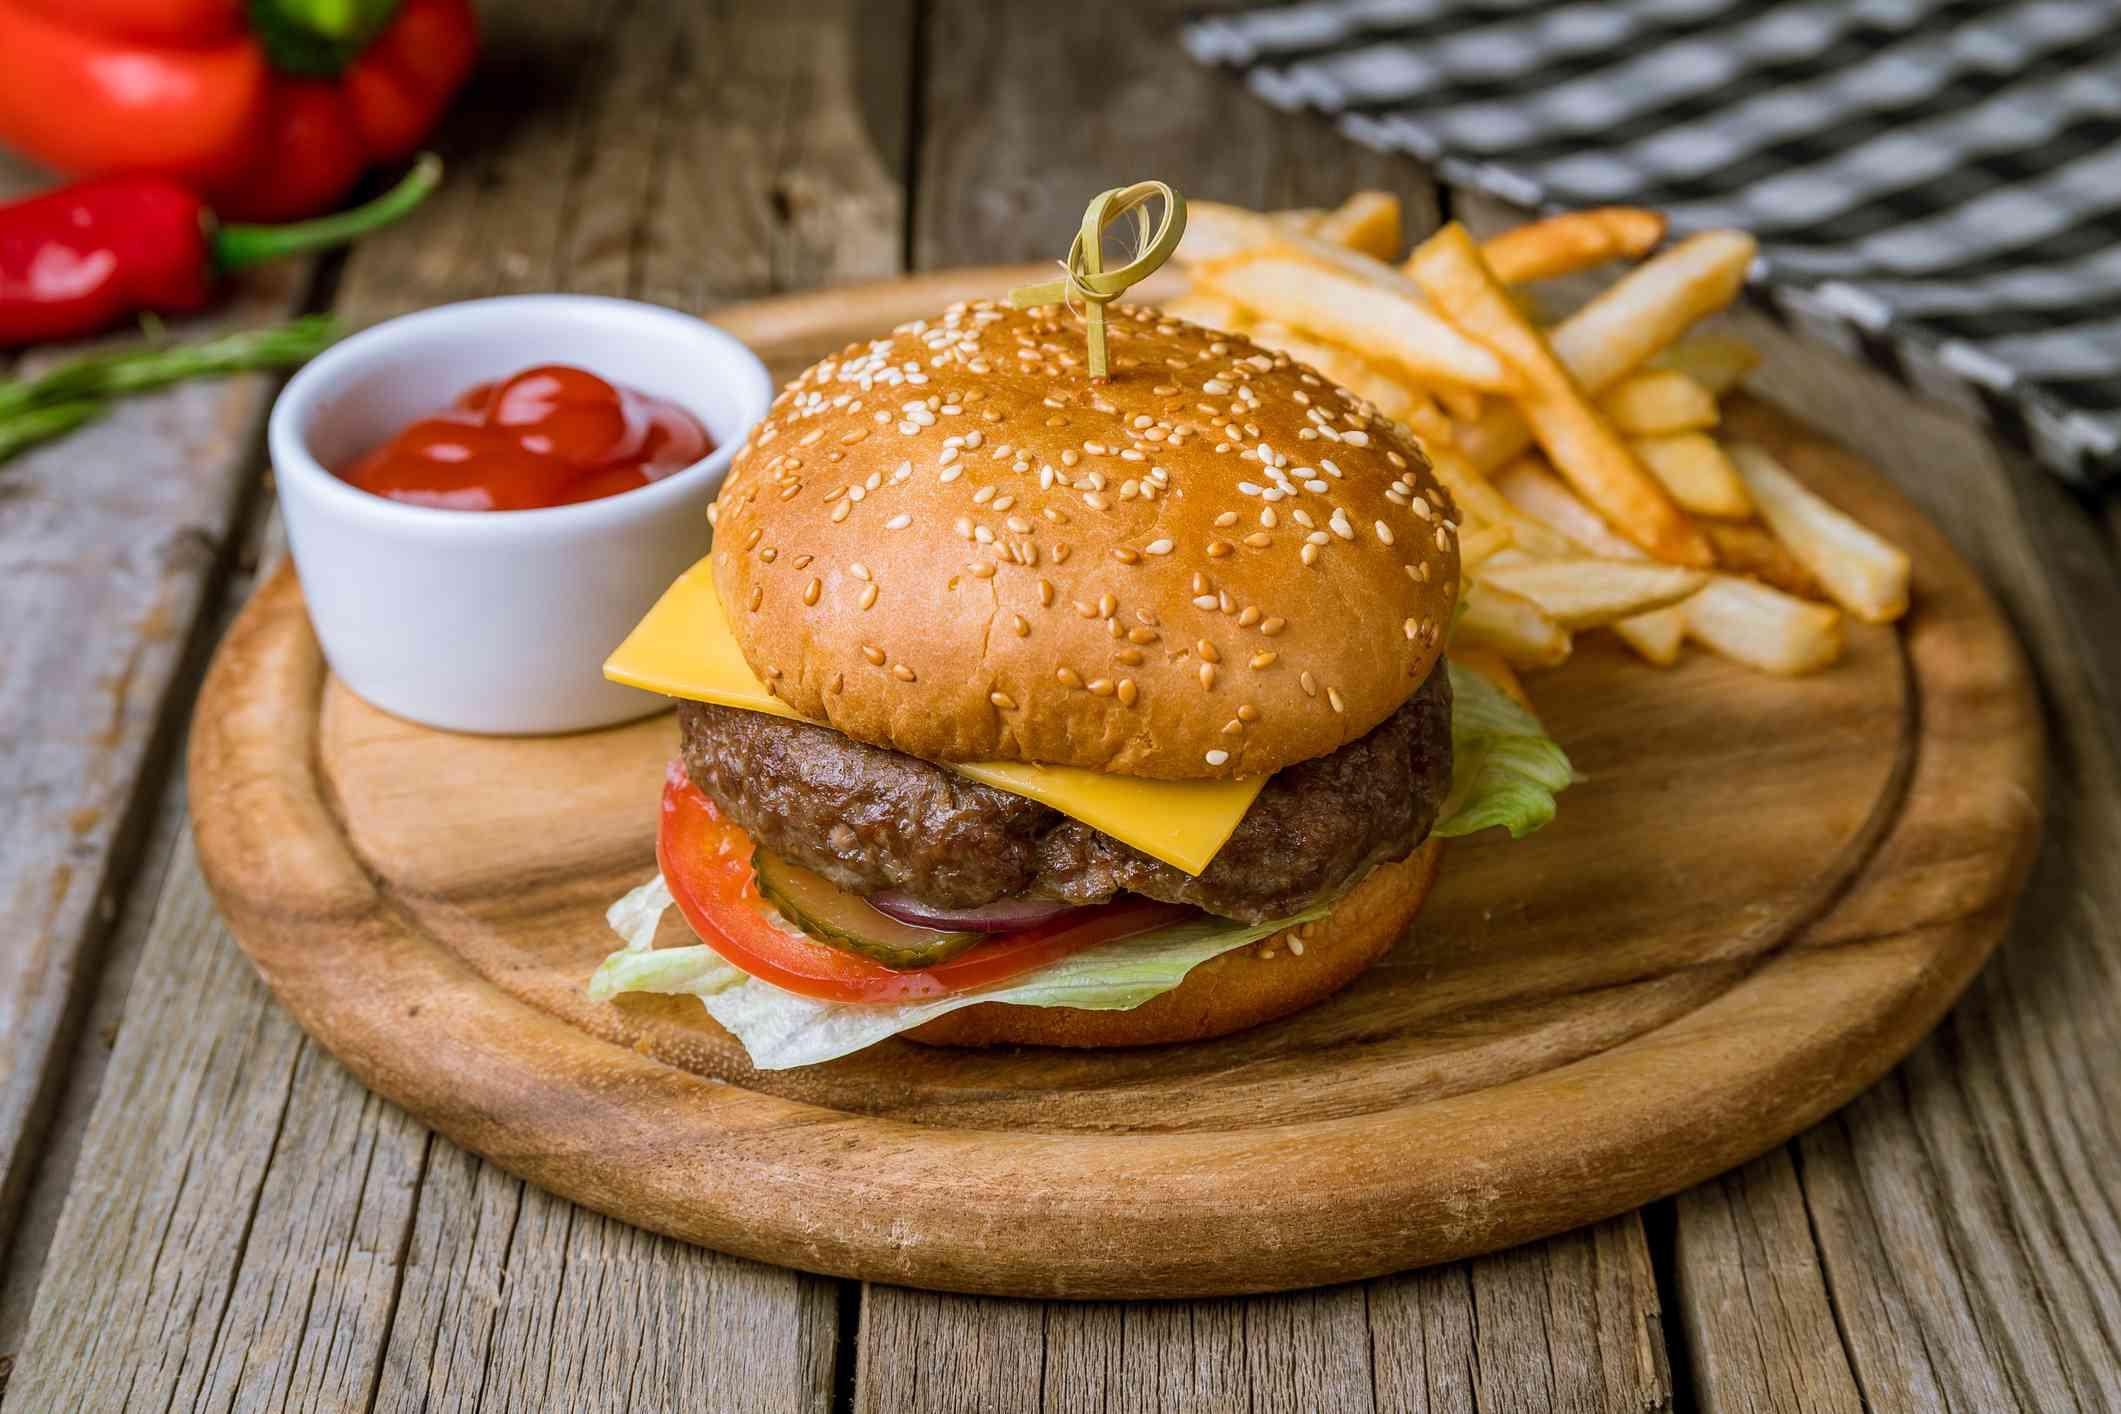 Hamburger in a bun